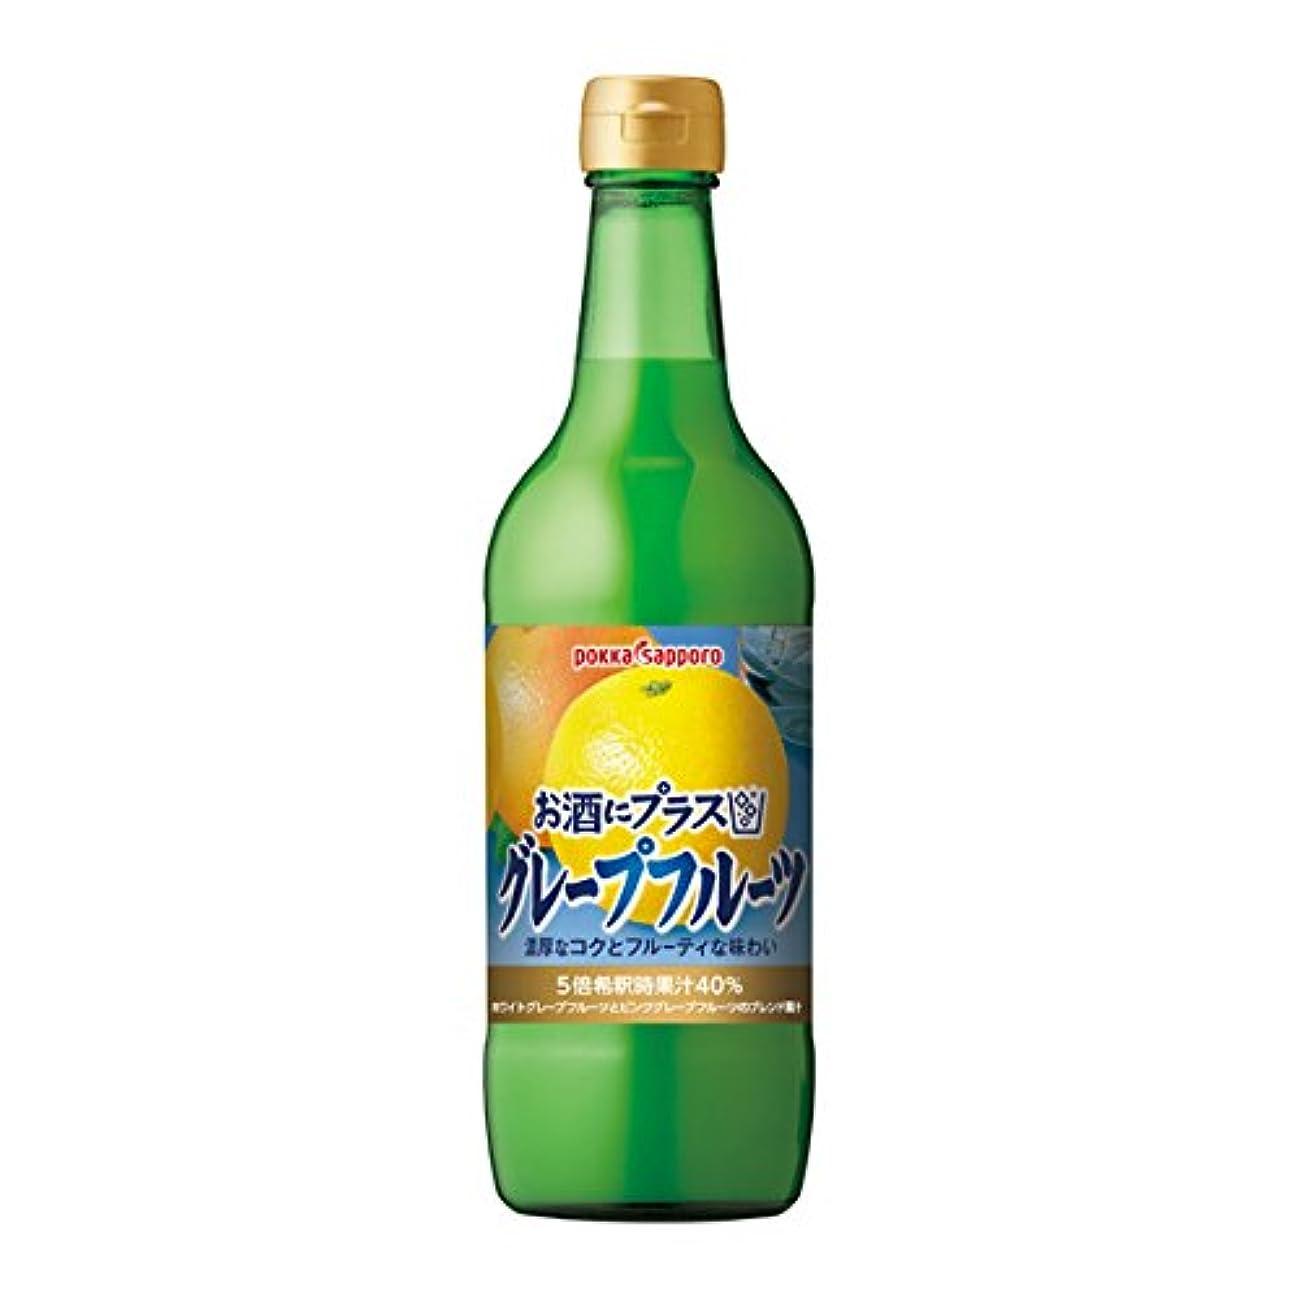 心理的パステルオフセットポッカサッポロ お酒にプラス グレープフルーツ(540ml×6本)×2ケース